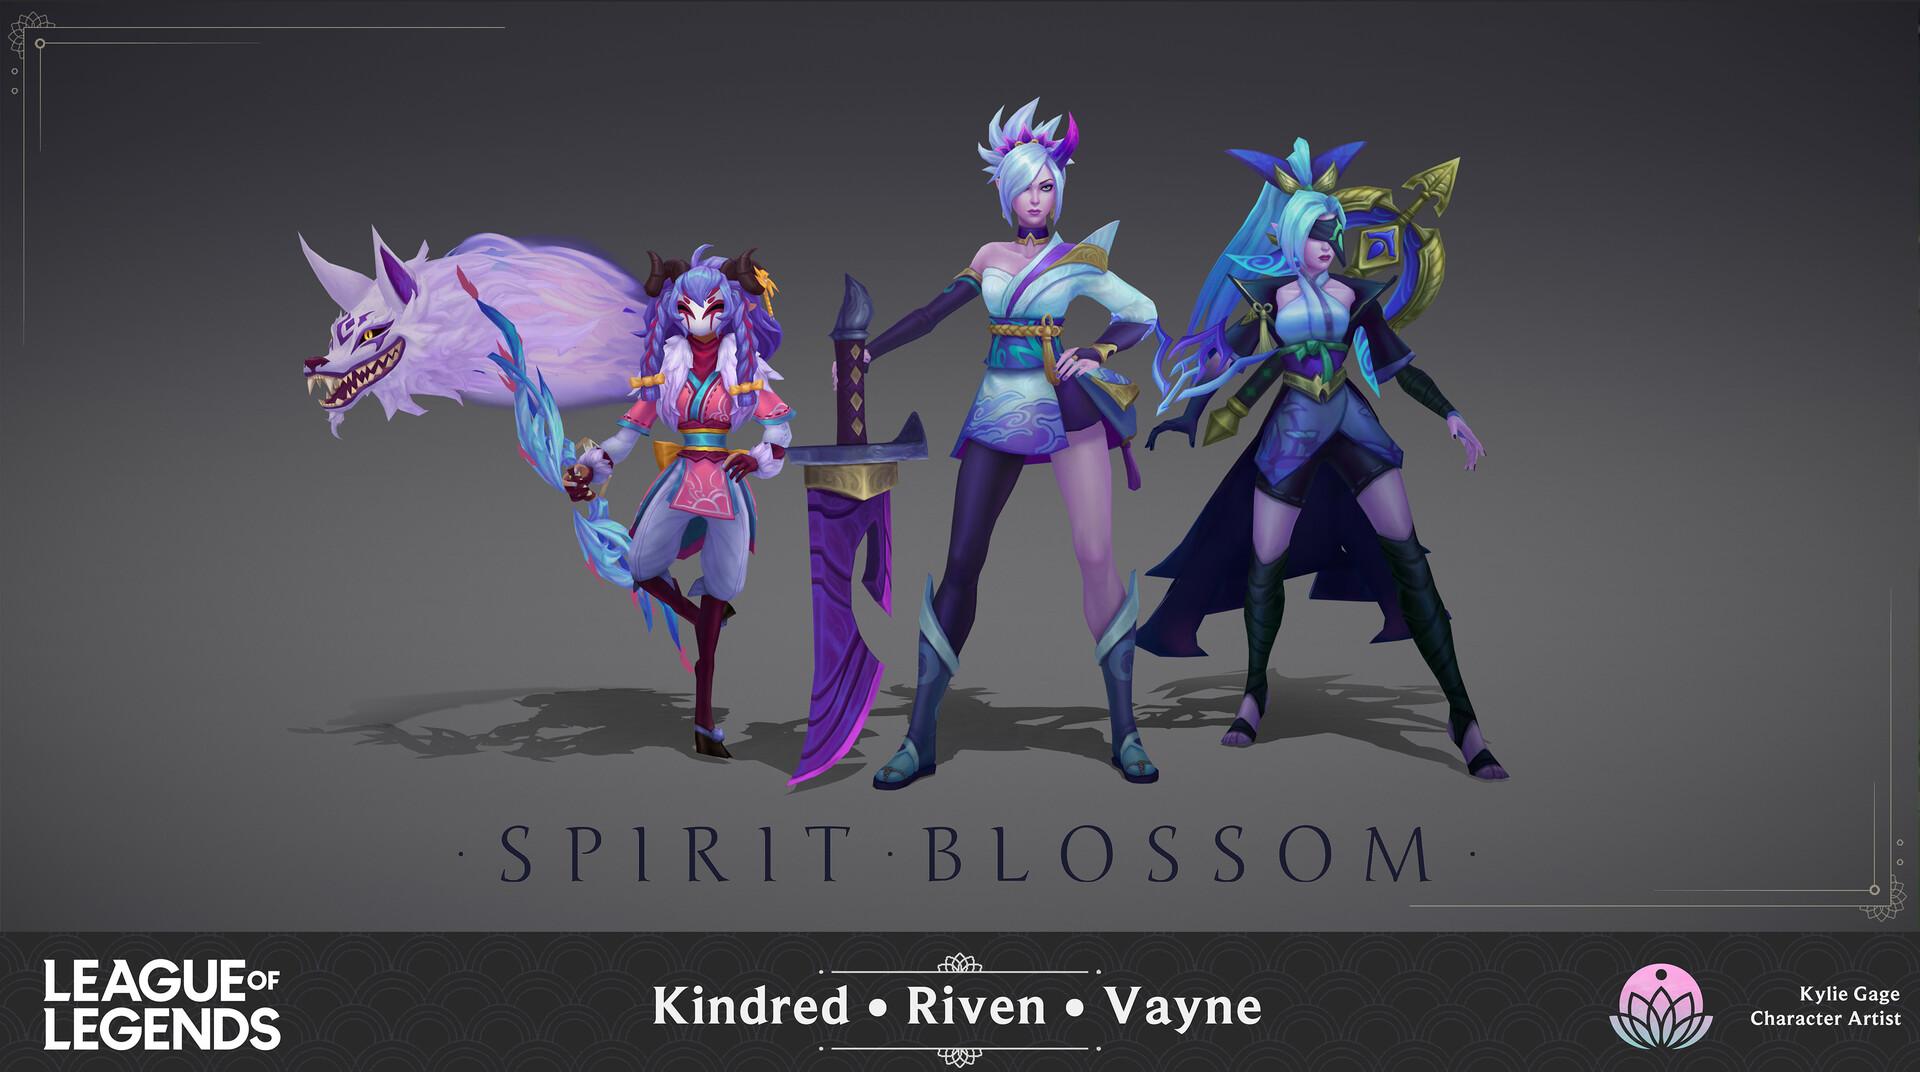 Kindred Riven Vayne SpiritBlossom Model 01.jpg